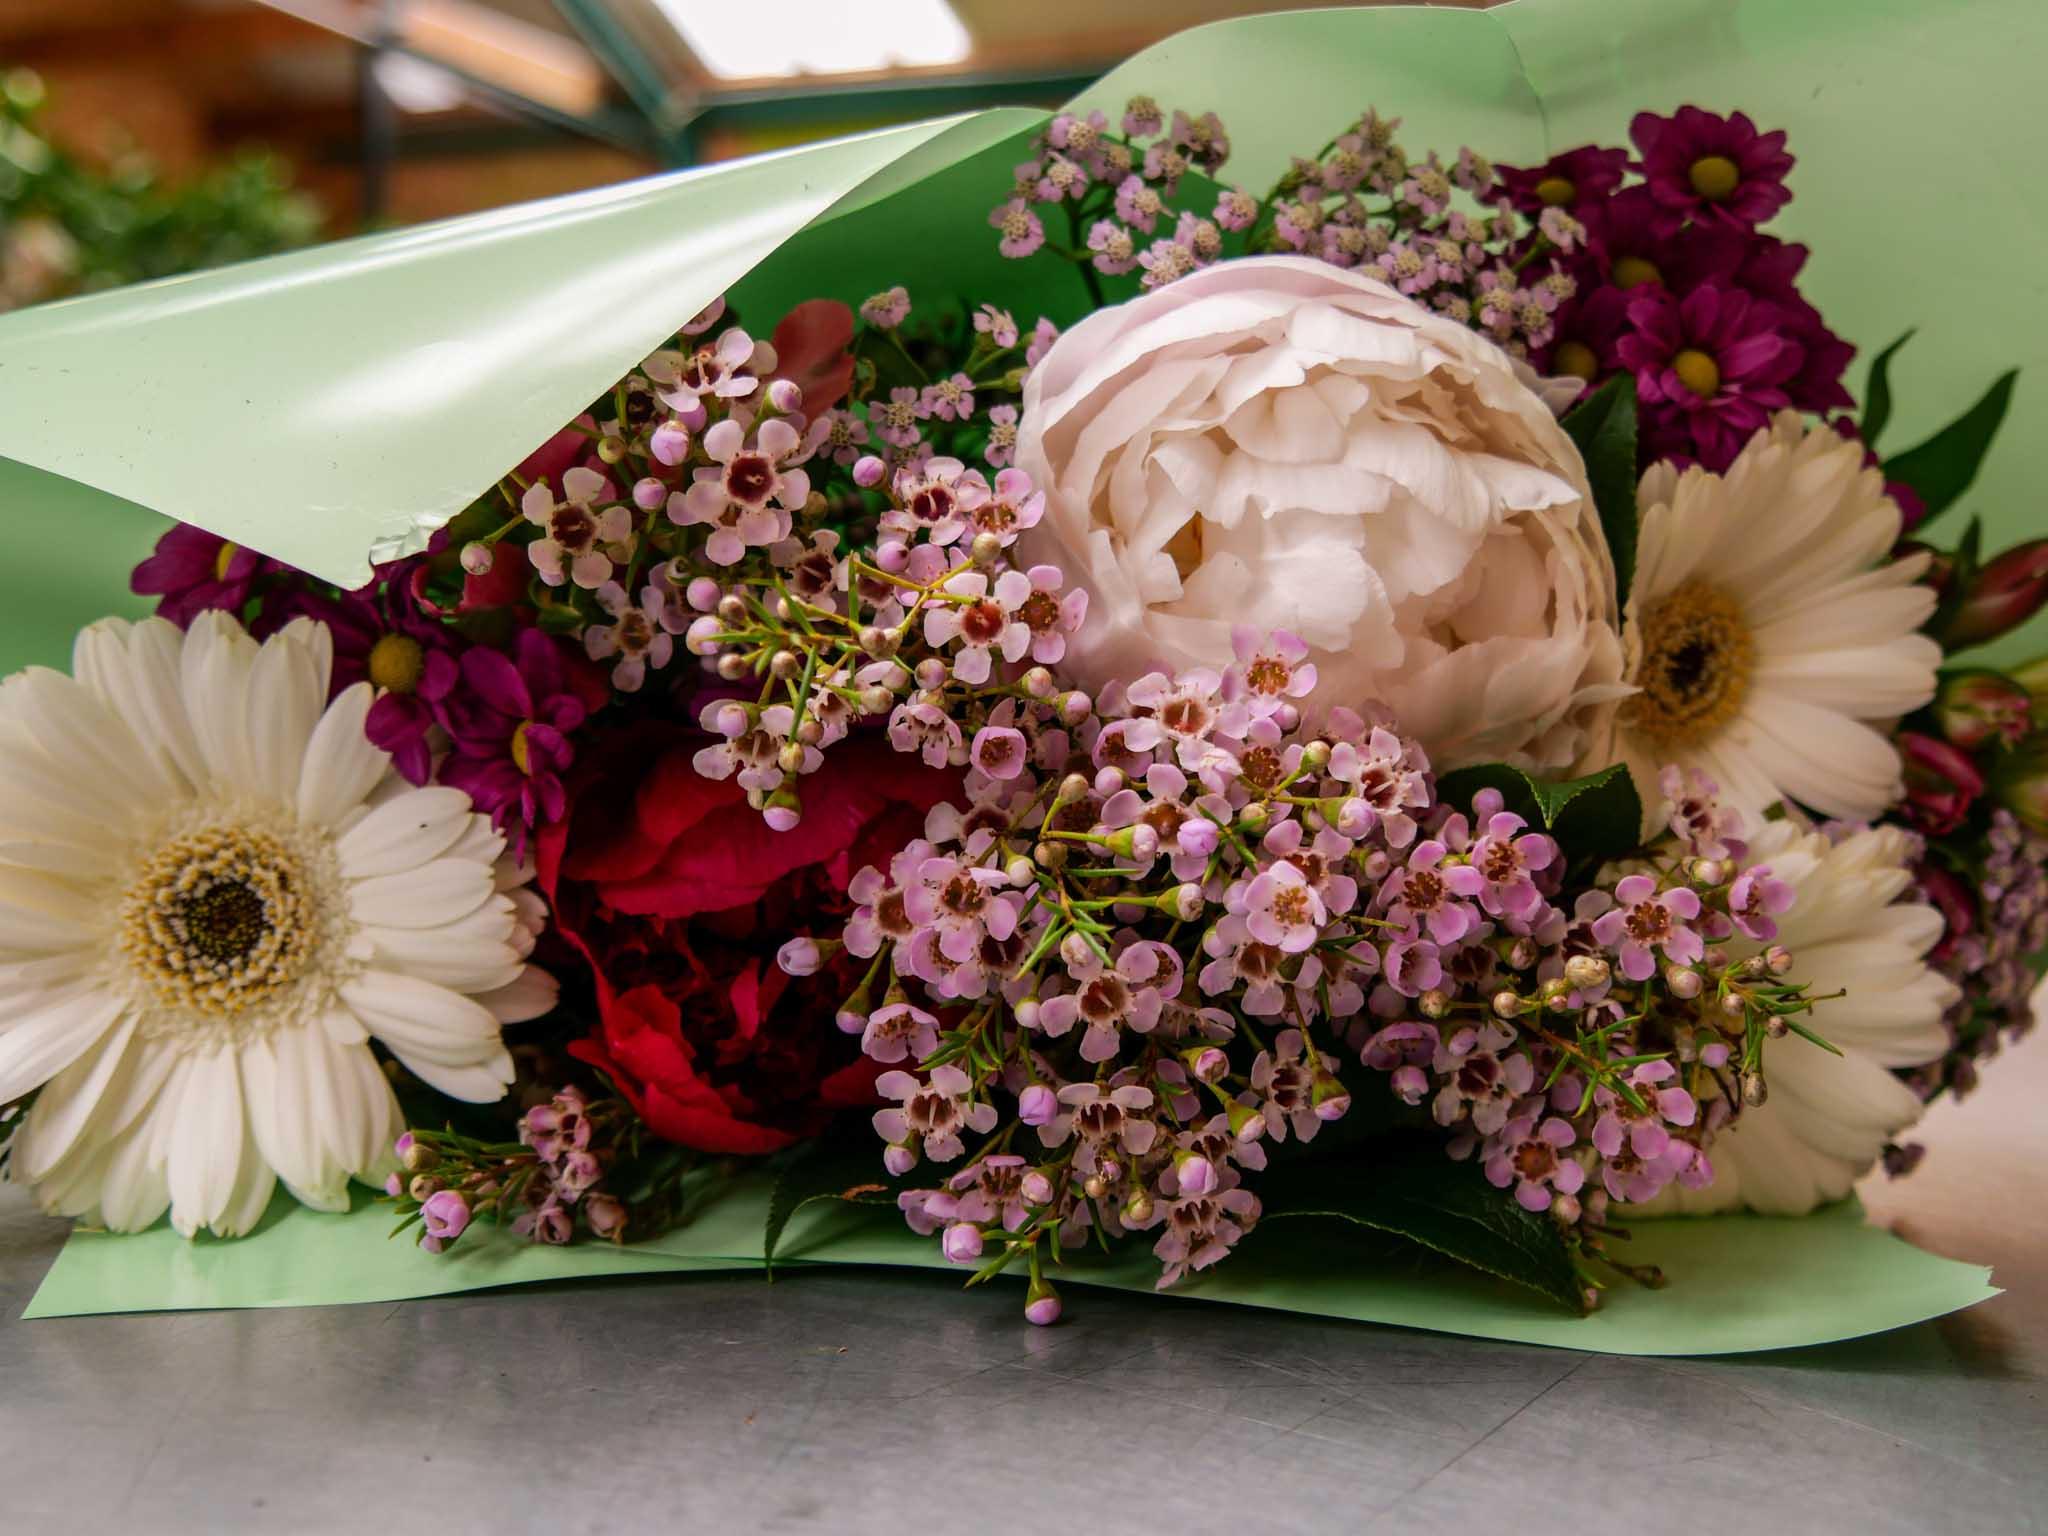 Bouquet de fleur germini pivoine